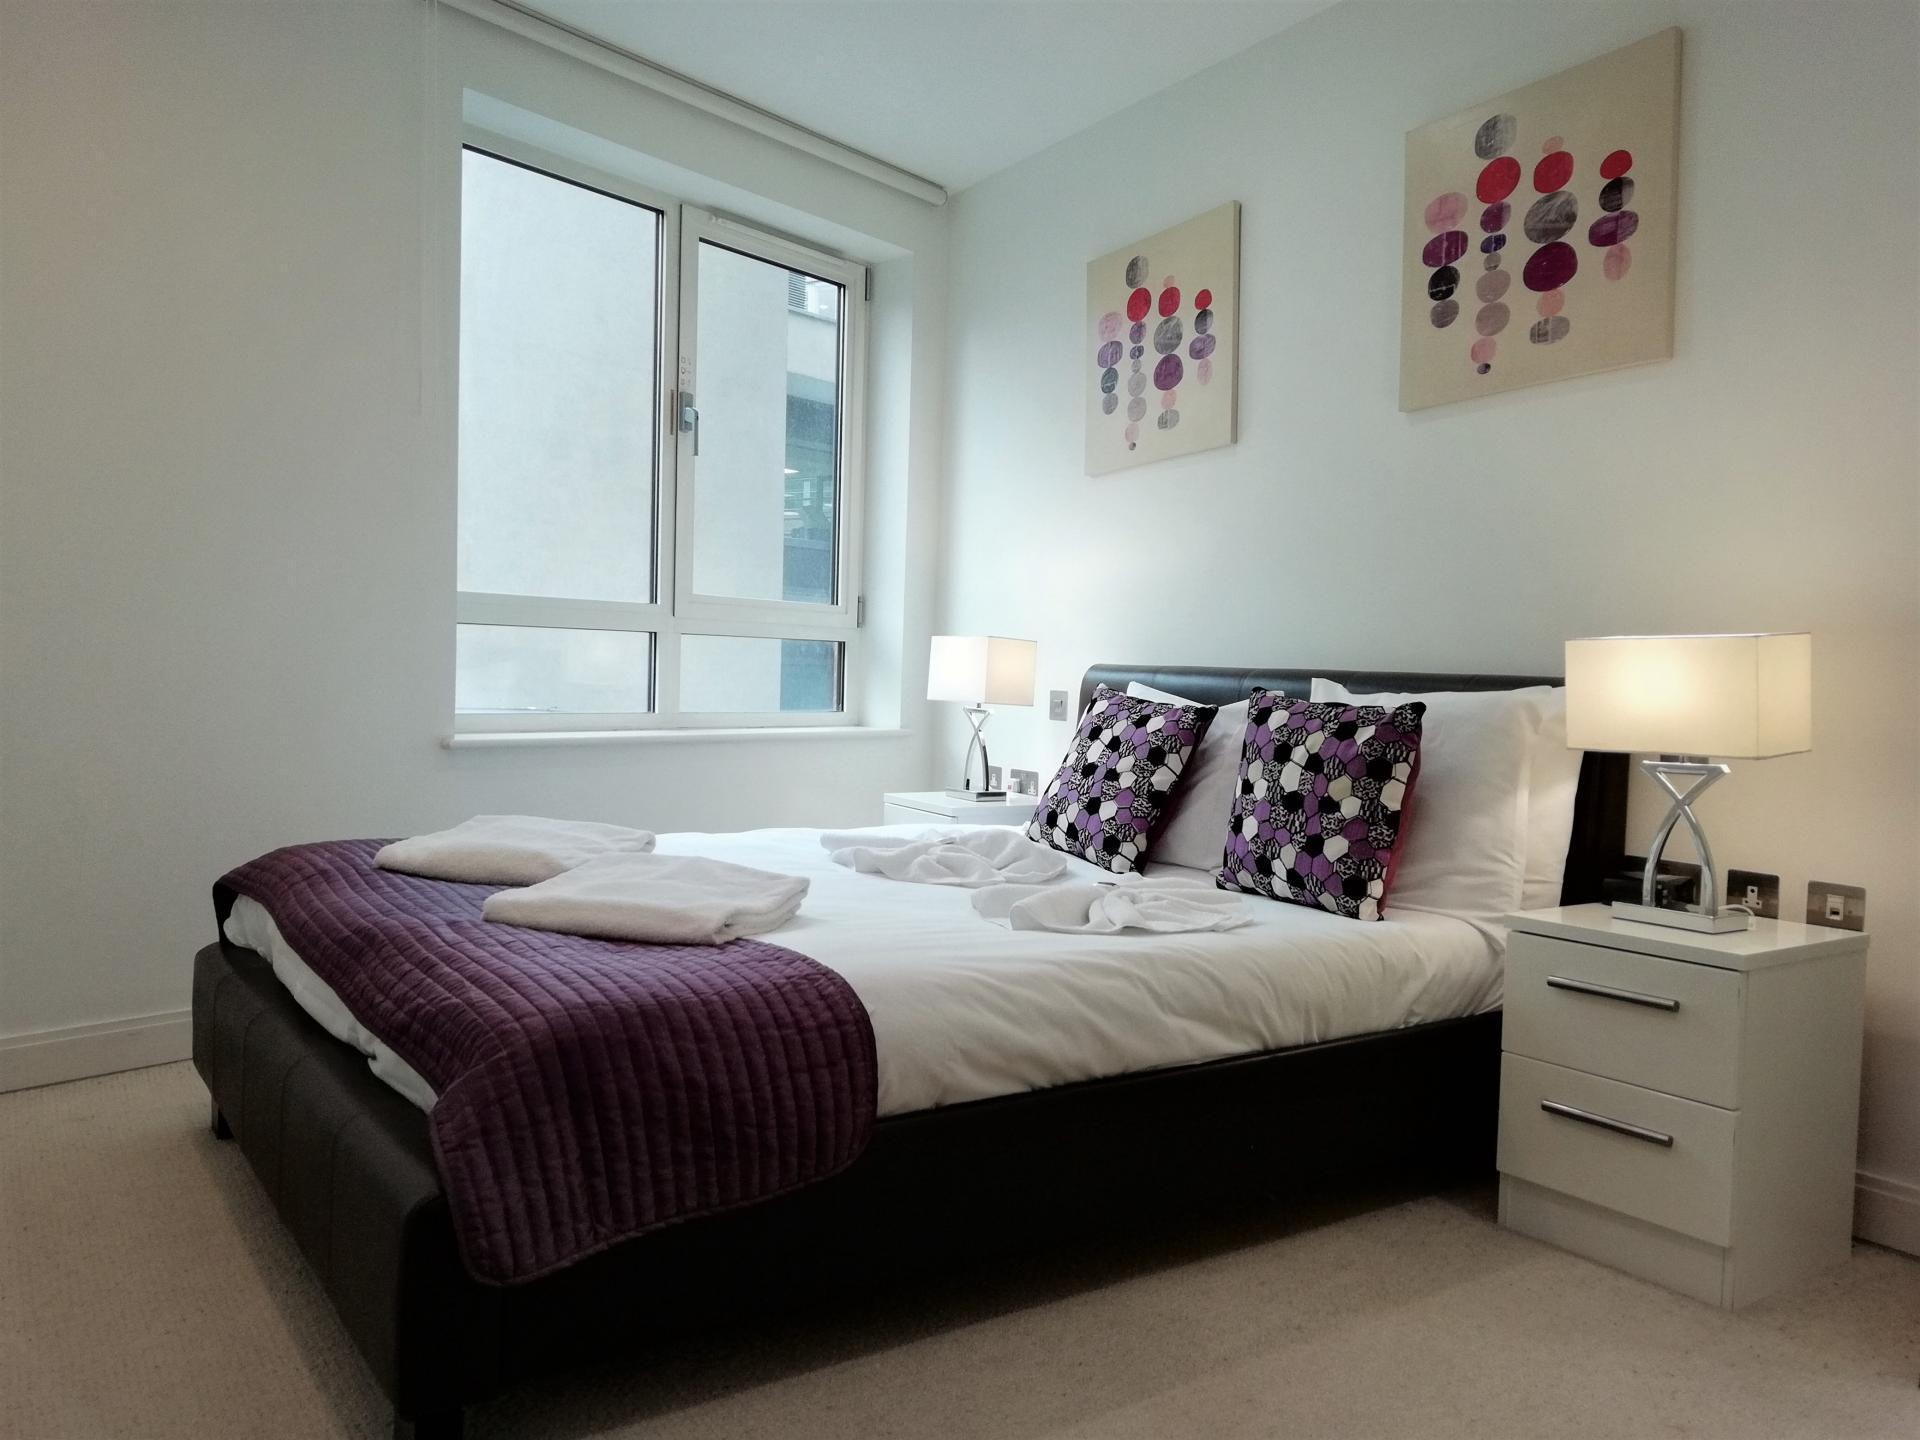 Bedroom at Still Life Barbican, Barbican, London - Citybase Apartments